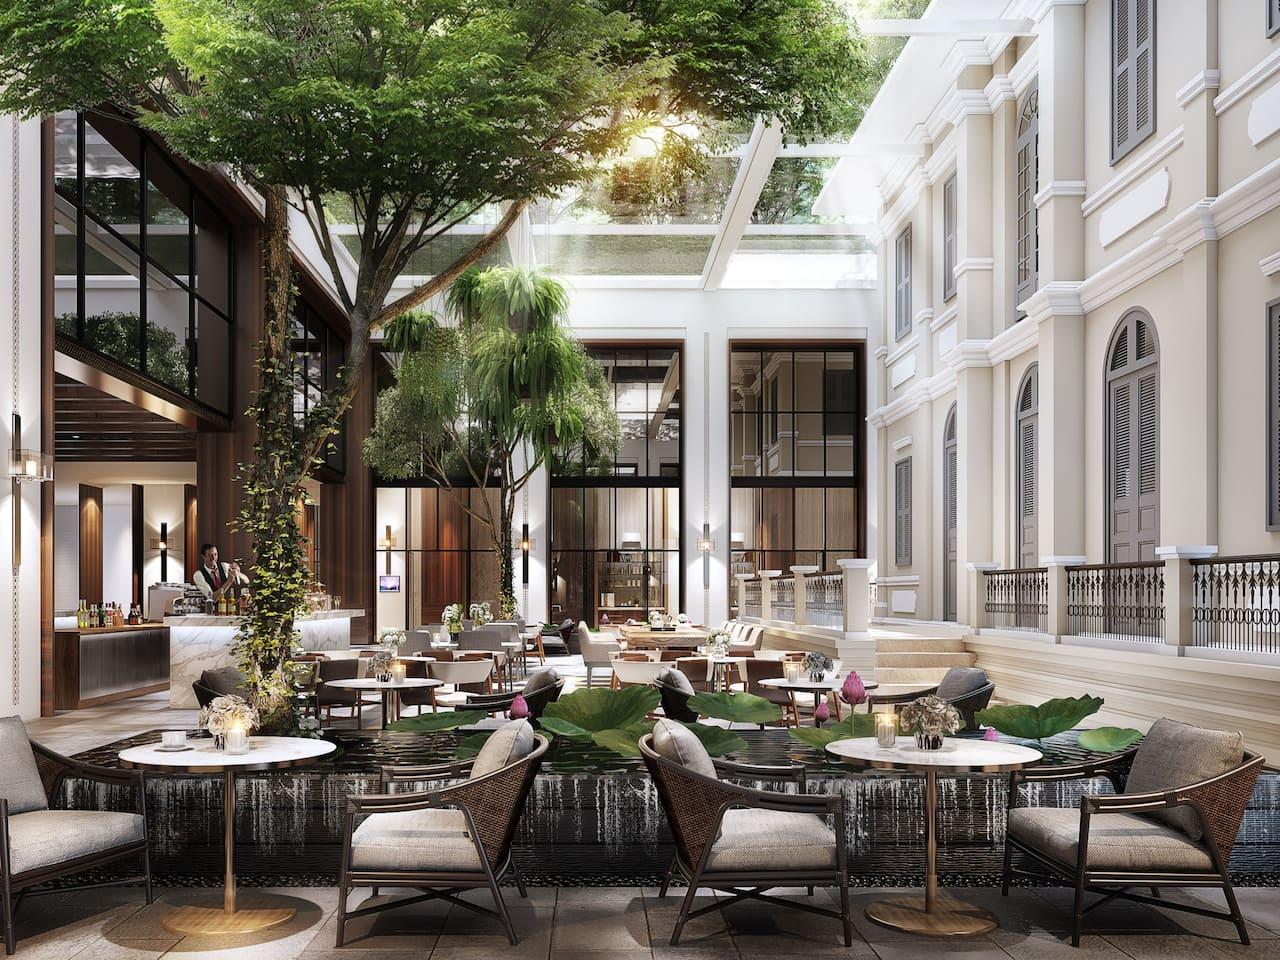 Market Café Restaurant & Lounge